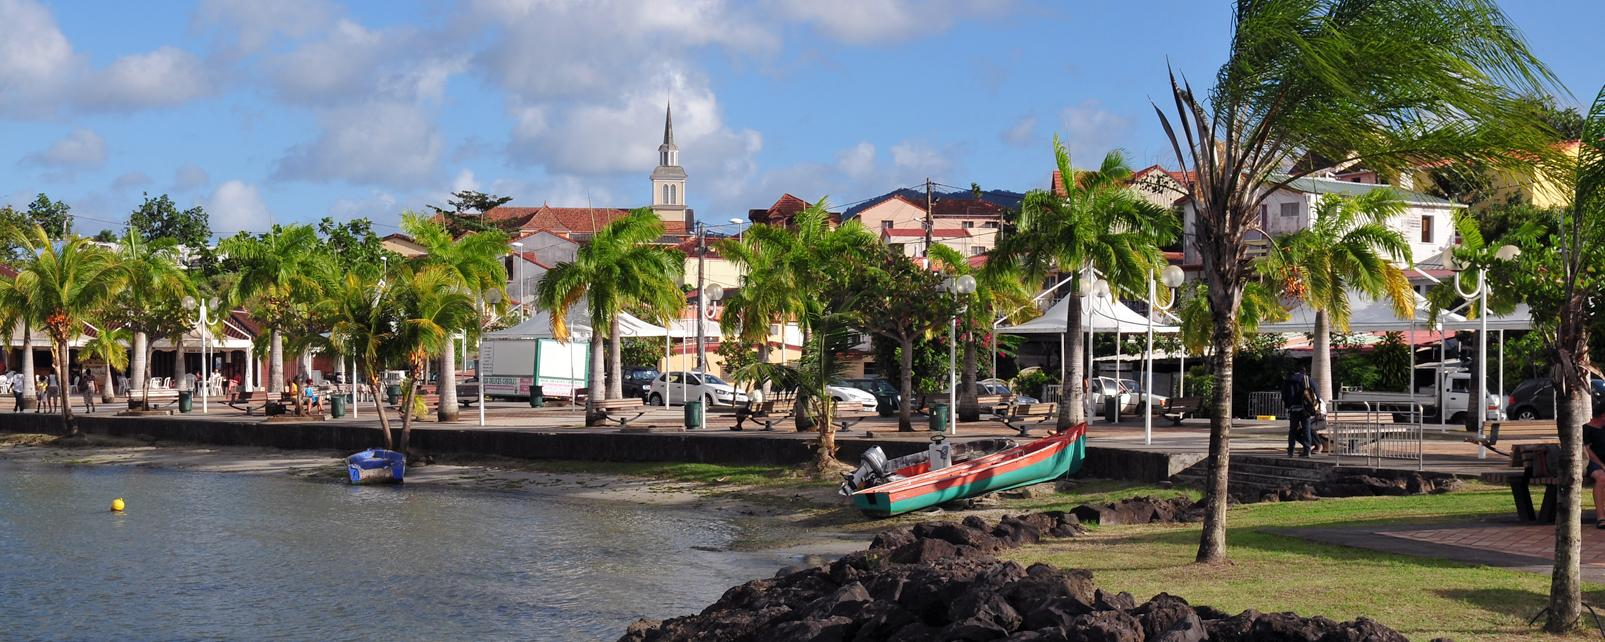 Les Trois Ilets, Martinique